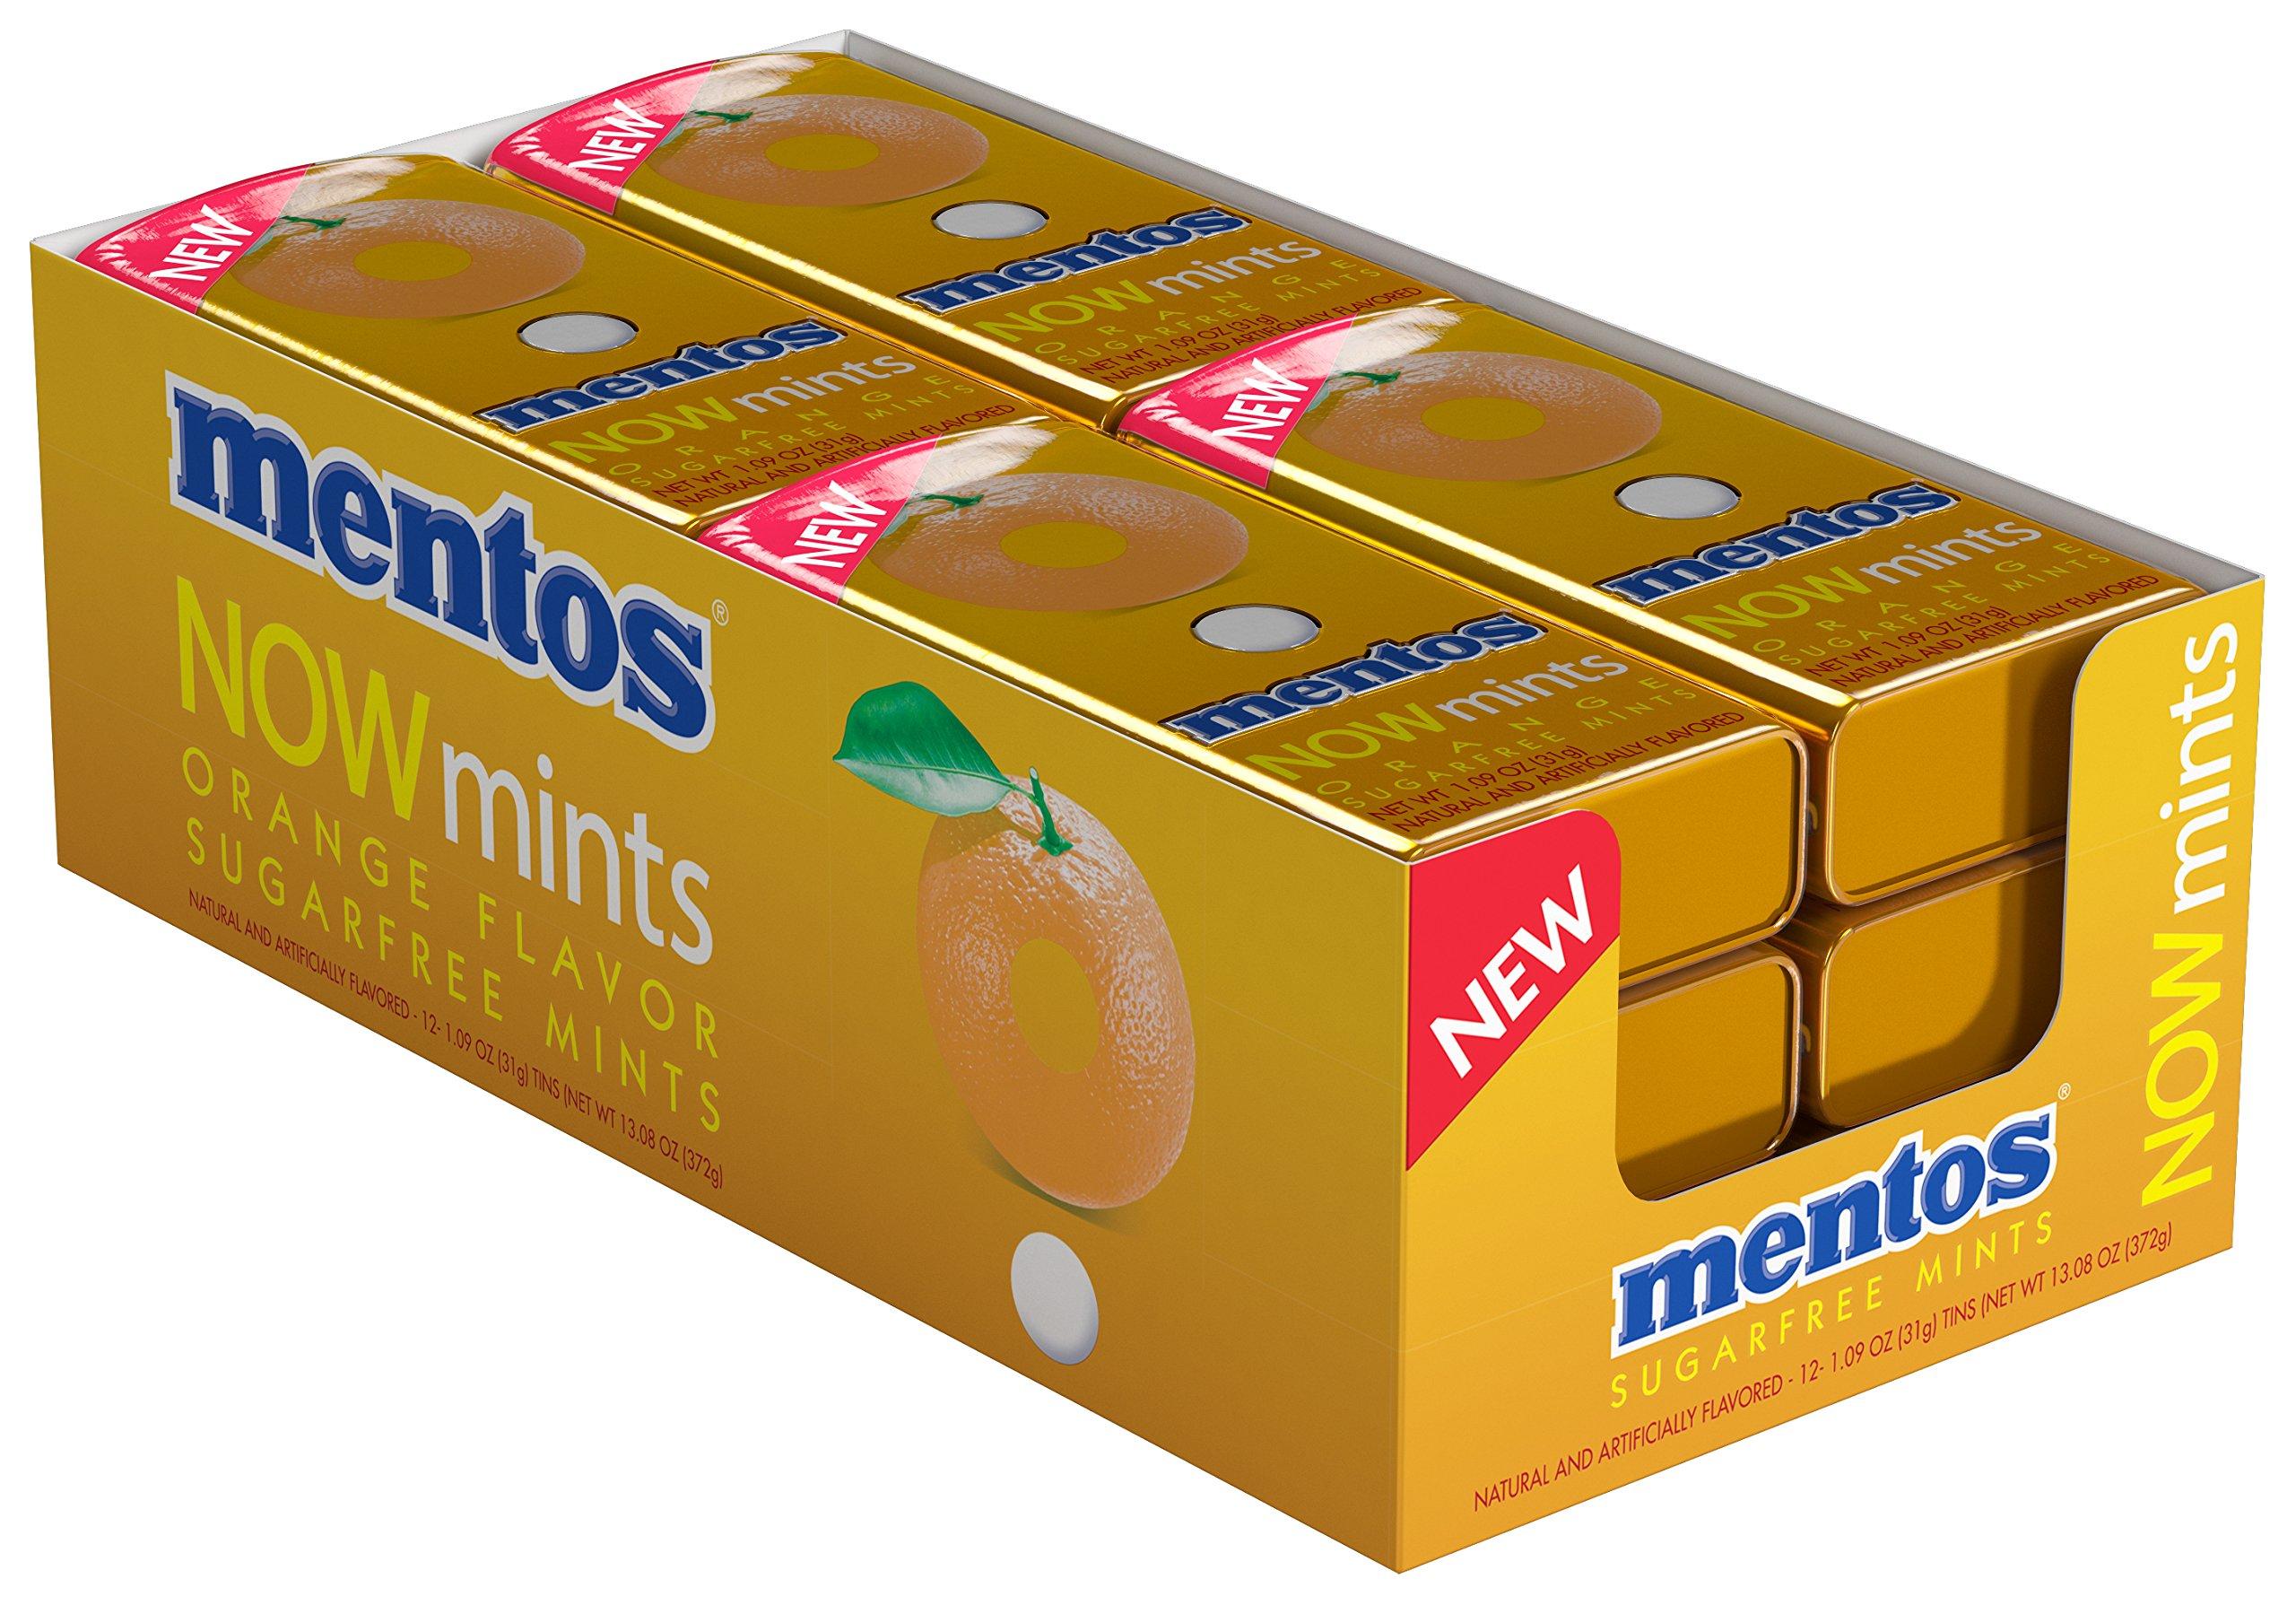 Mentos NOWMint Tin, Orange, 1.09 ounces/50 pieces (Pack of 12)